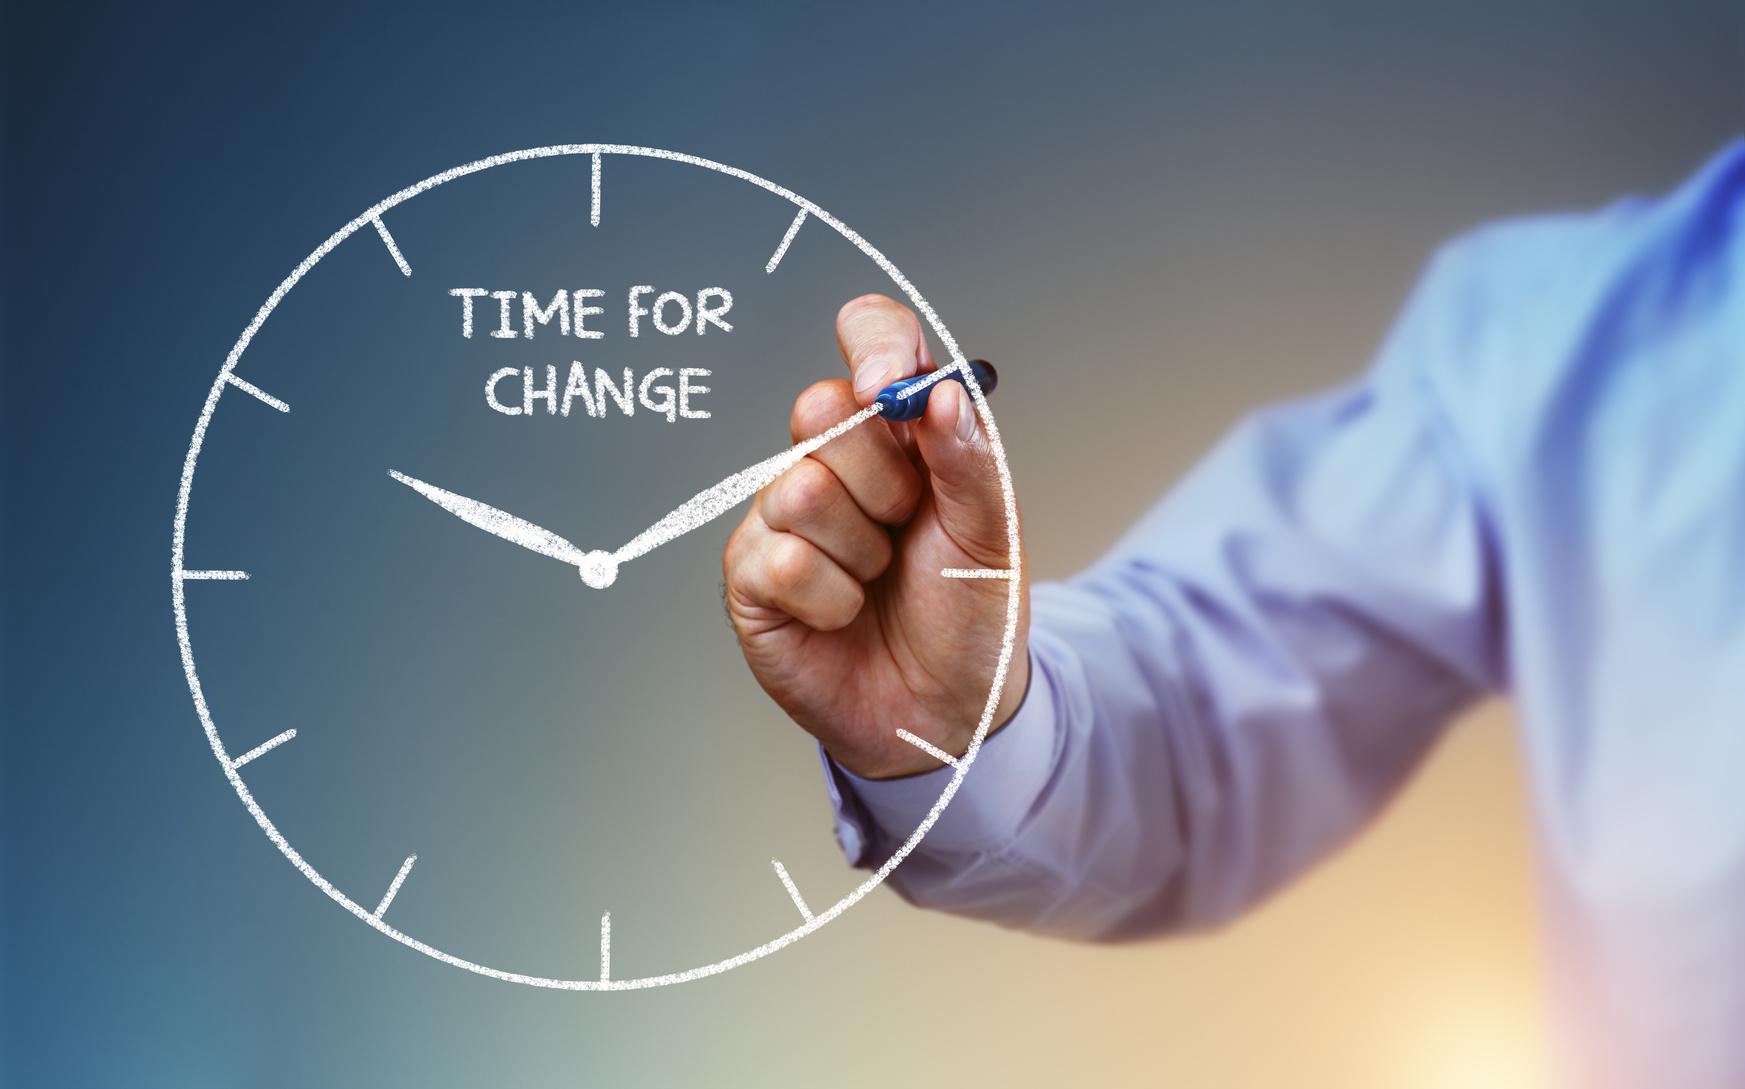 «Тайм-менеджмент и личная эффективность. Техники планирования, достижения целей и повышения личной мотивации» 03 июня 2020 г.